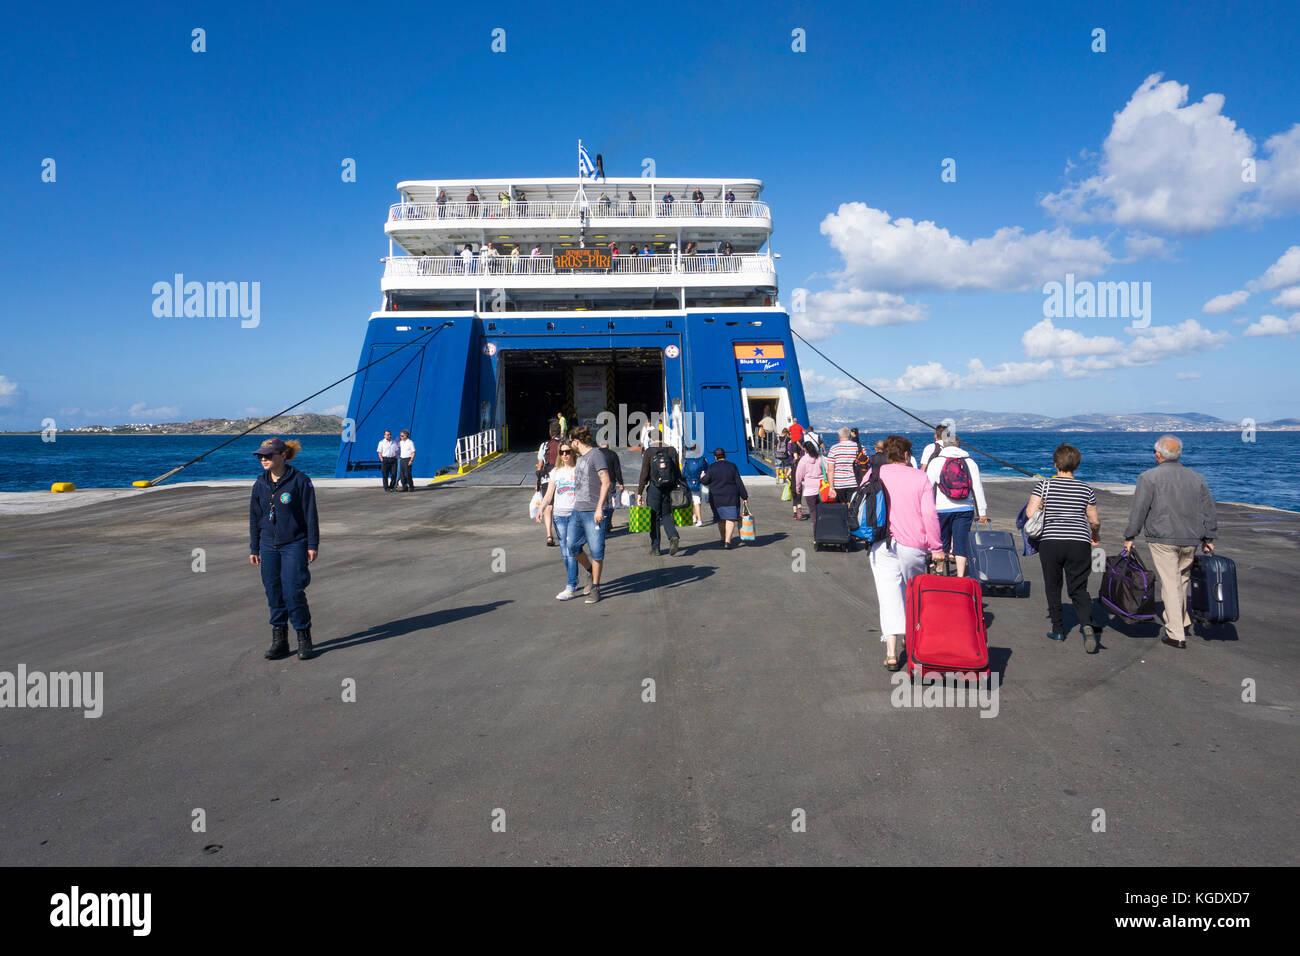 Reisende im Blue Star Ferry, Hafen von Naxos, Insel Naxos, Kykladen, Ägäis, Griechenland Stockbild